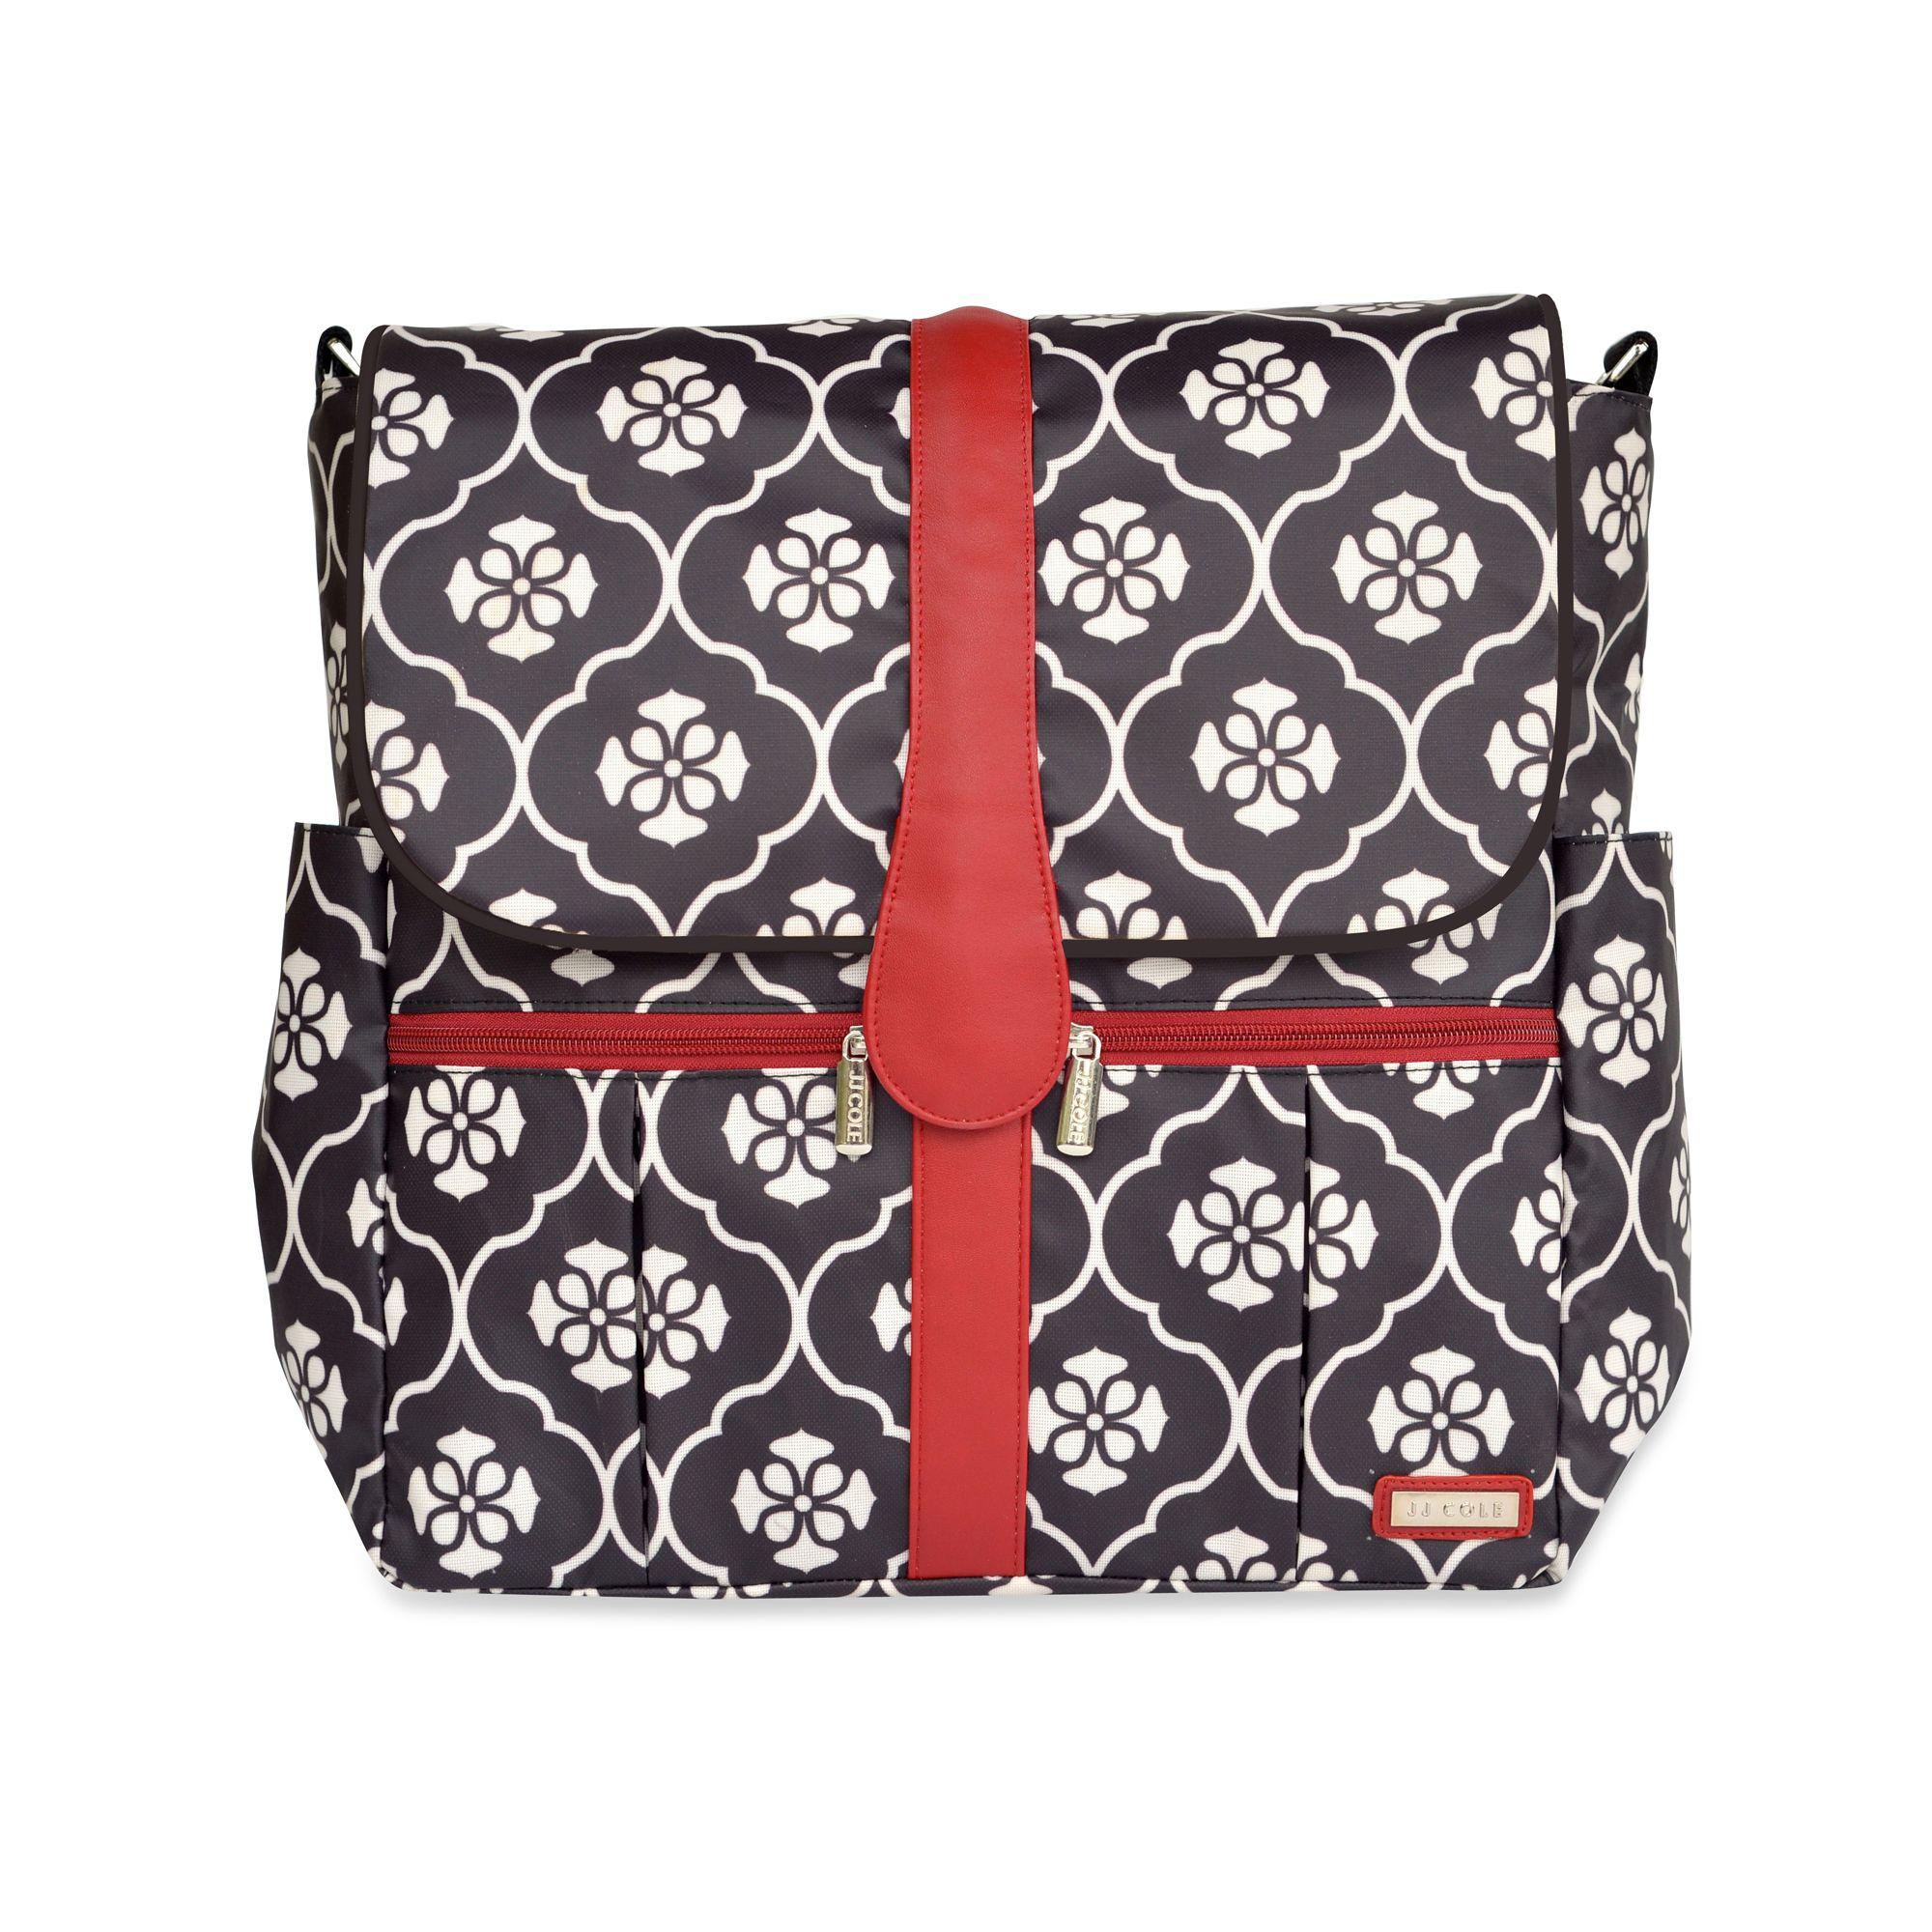 JJ Cole® Backpack Diaper Bag in Black Floret